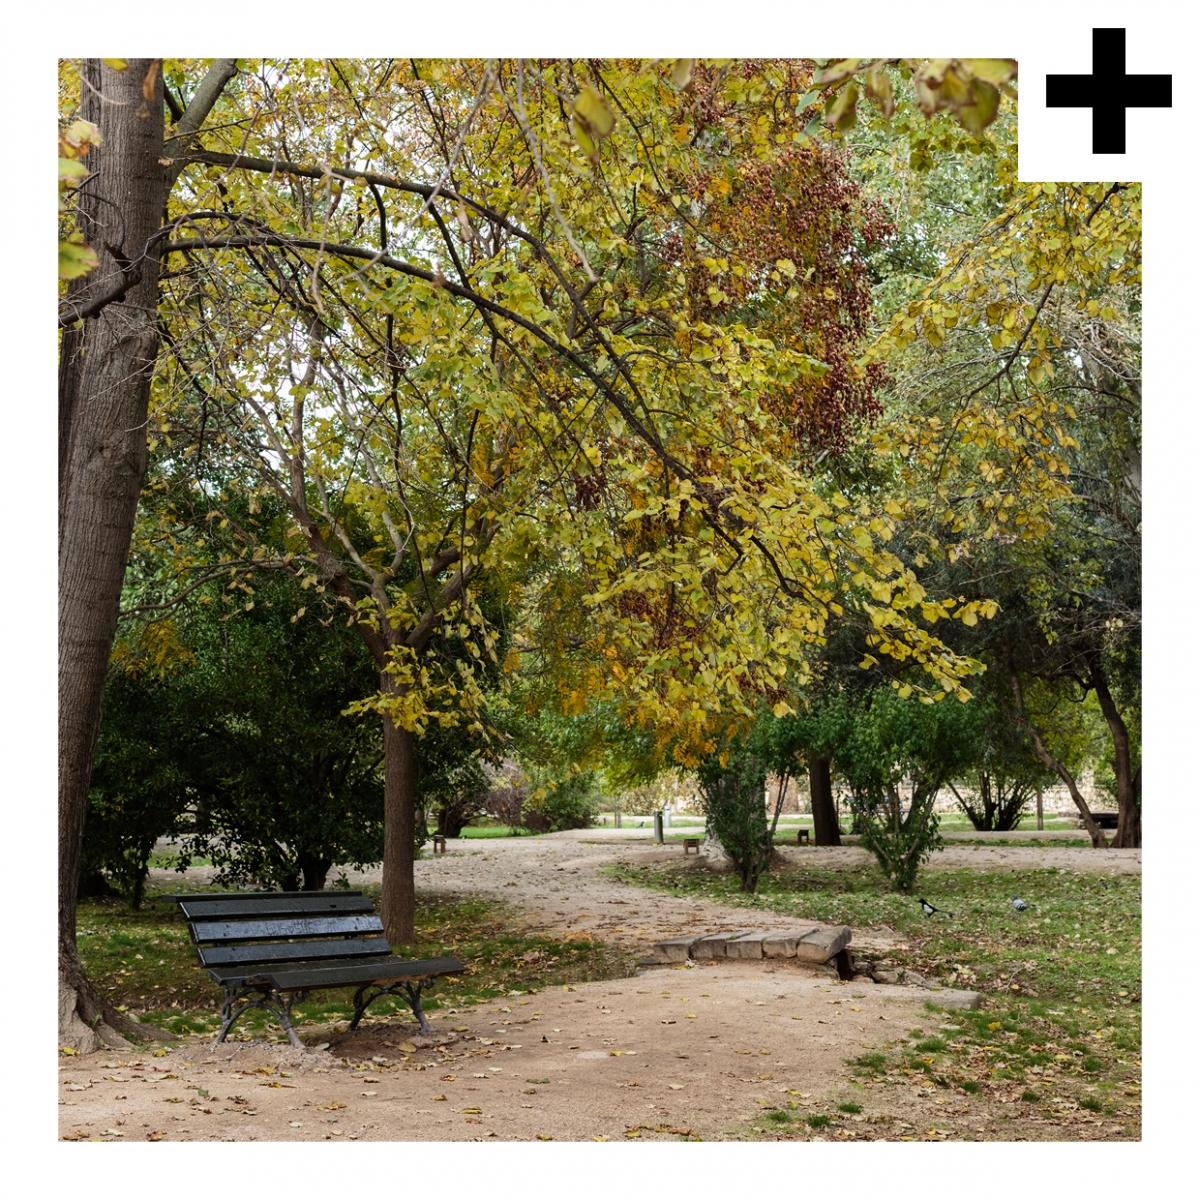 Imagen en la que se ve el plural del concepto parque